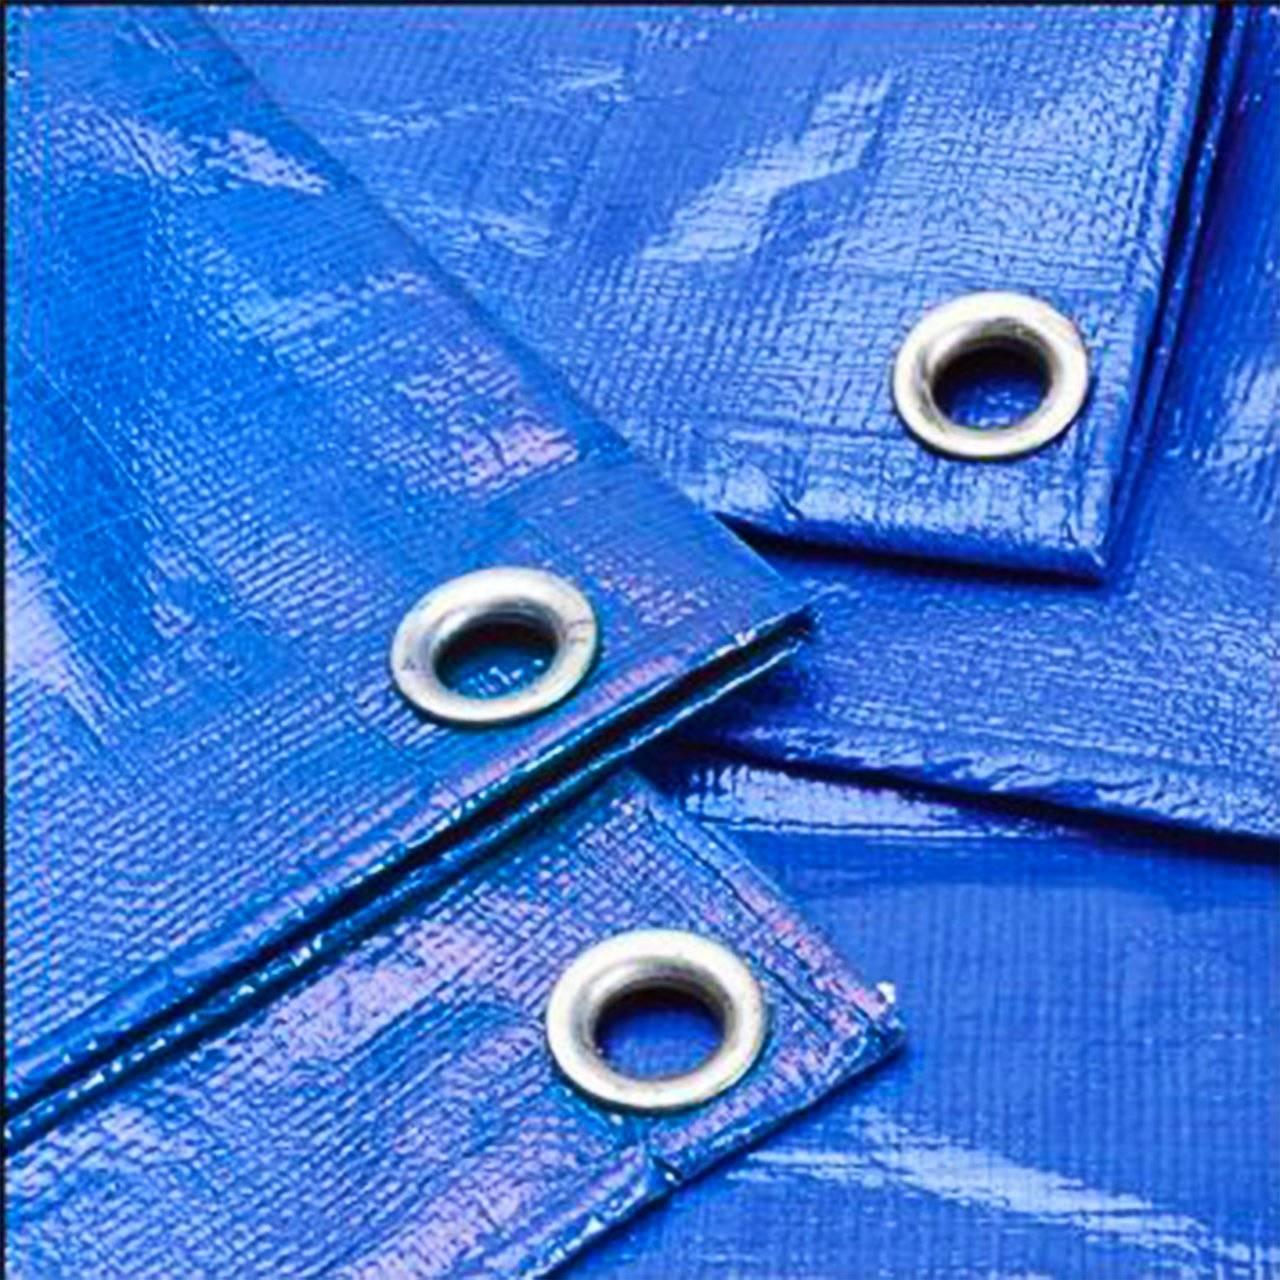 Тент тарпаулин 3x5 (синий) плотность 55гр/м2